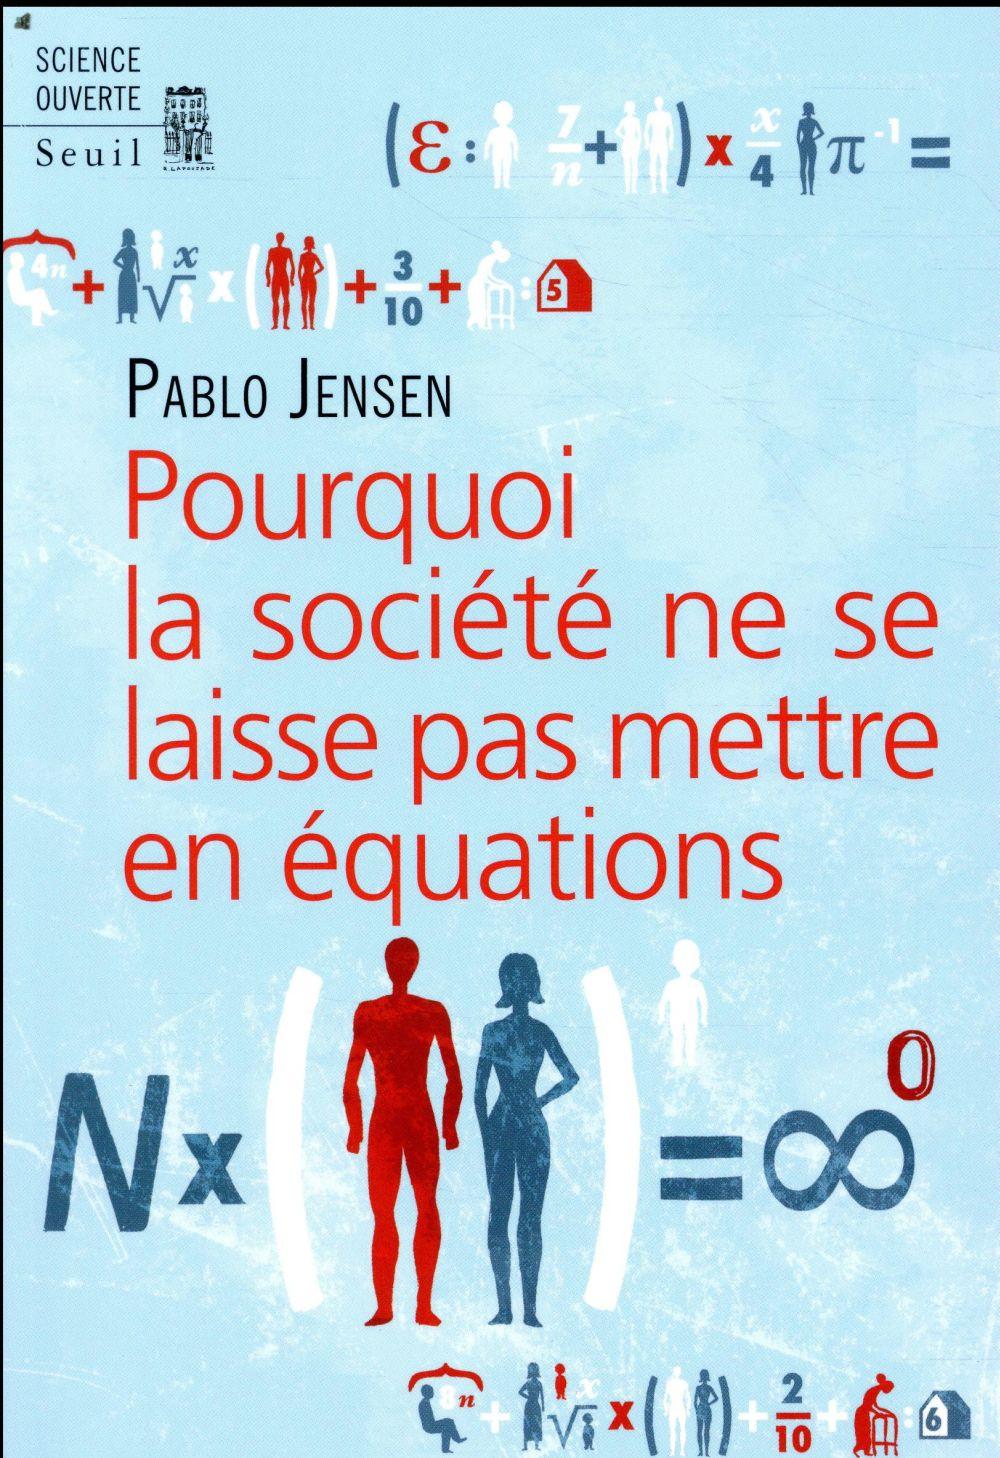 Pourquoi la société ne se laisse pas mettre en équation